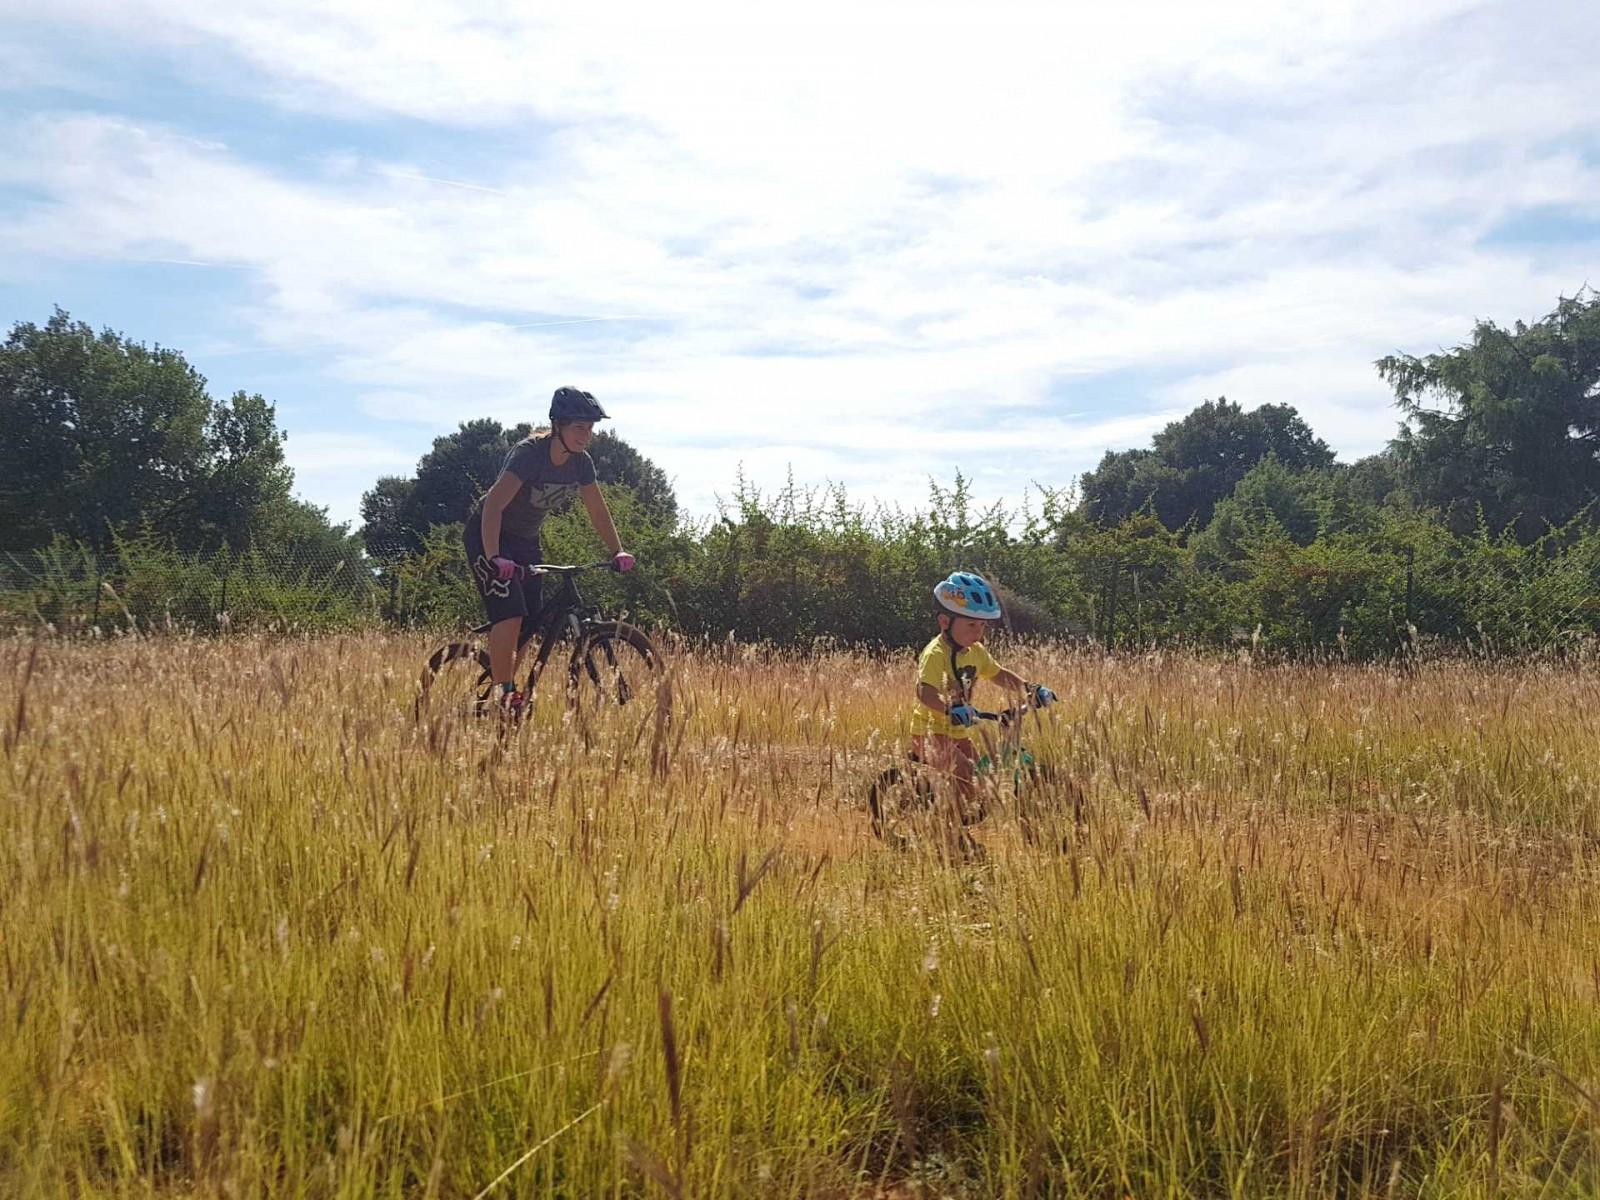 Faire un vélo avec son enfant, pumptrack maman avec son enfant